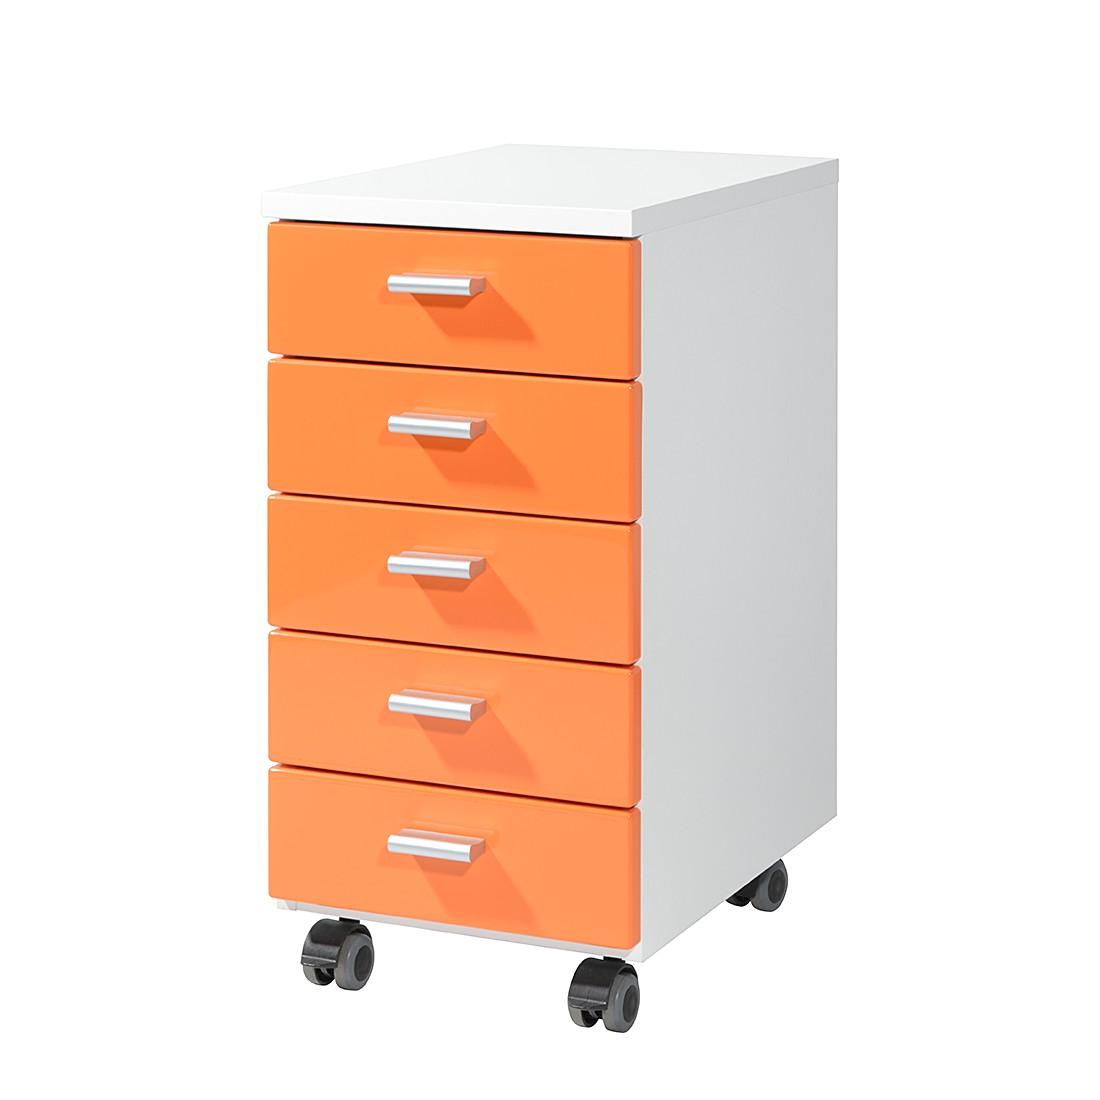 Cassettiera con ruote Colour - Arancione / Bianco, Germania